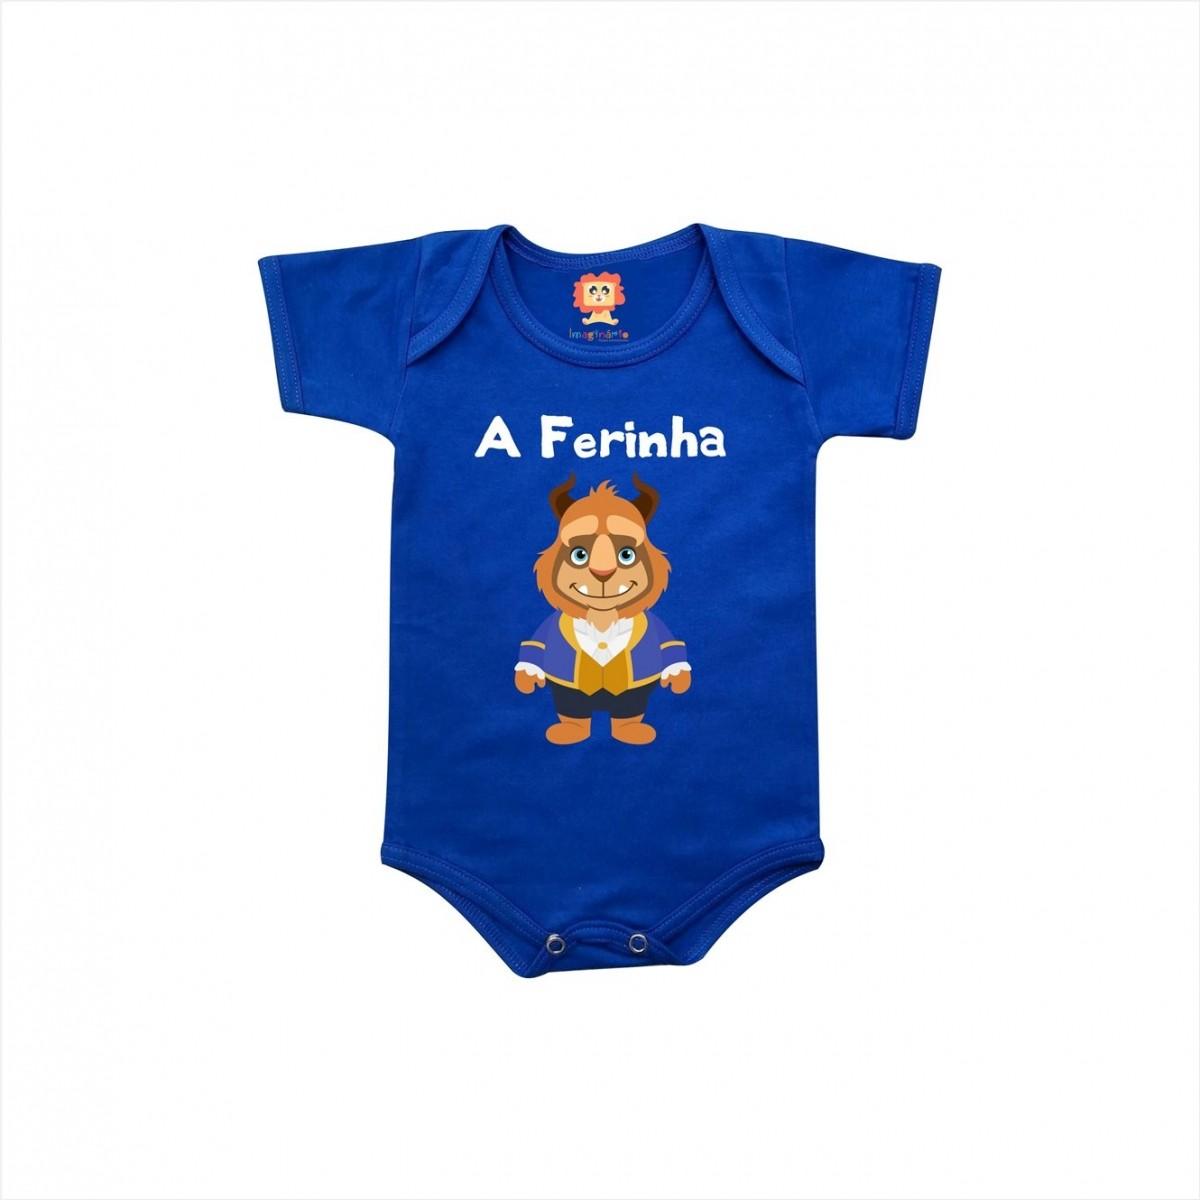 Body de Bebê ou Camiseta A Ferinha